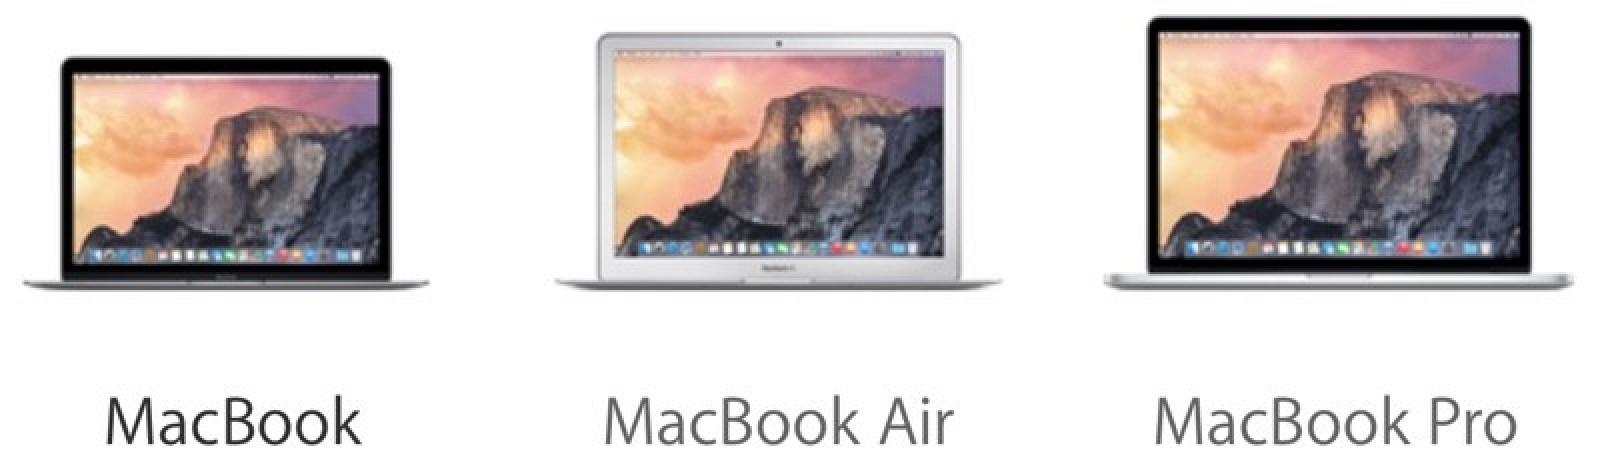 macbook air user guide 2015